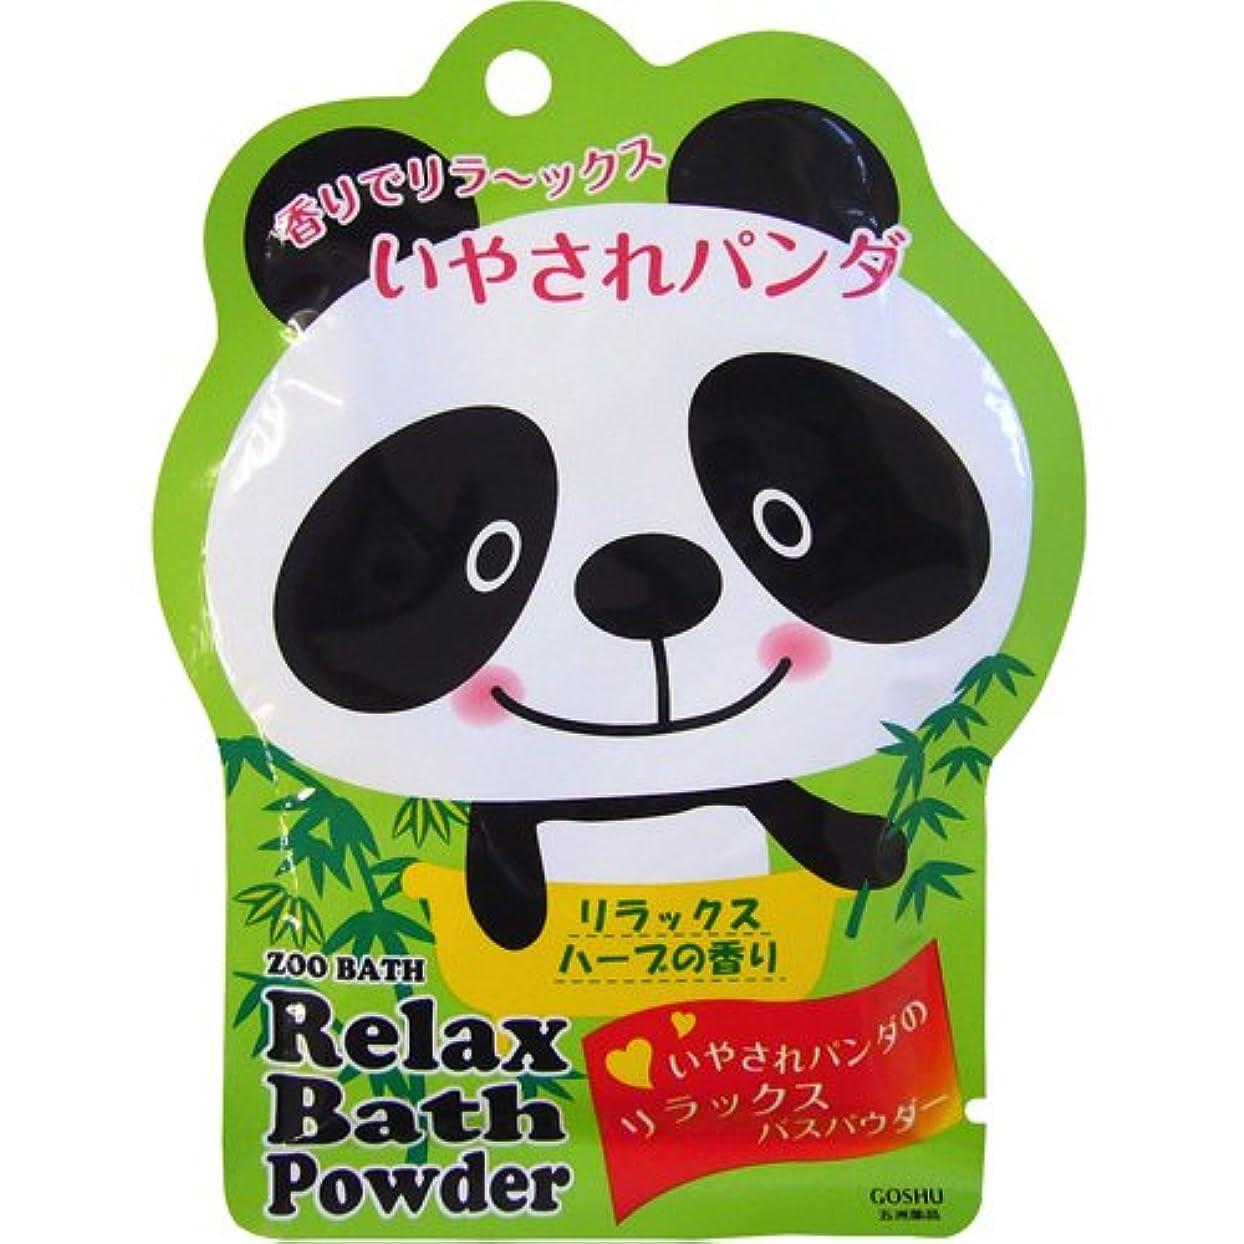 時刻表望ましい一致する五洲薬品(株) ズーバス パンダ バスパウダー リラックスハーブの香り 50g